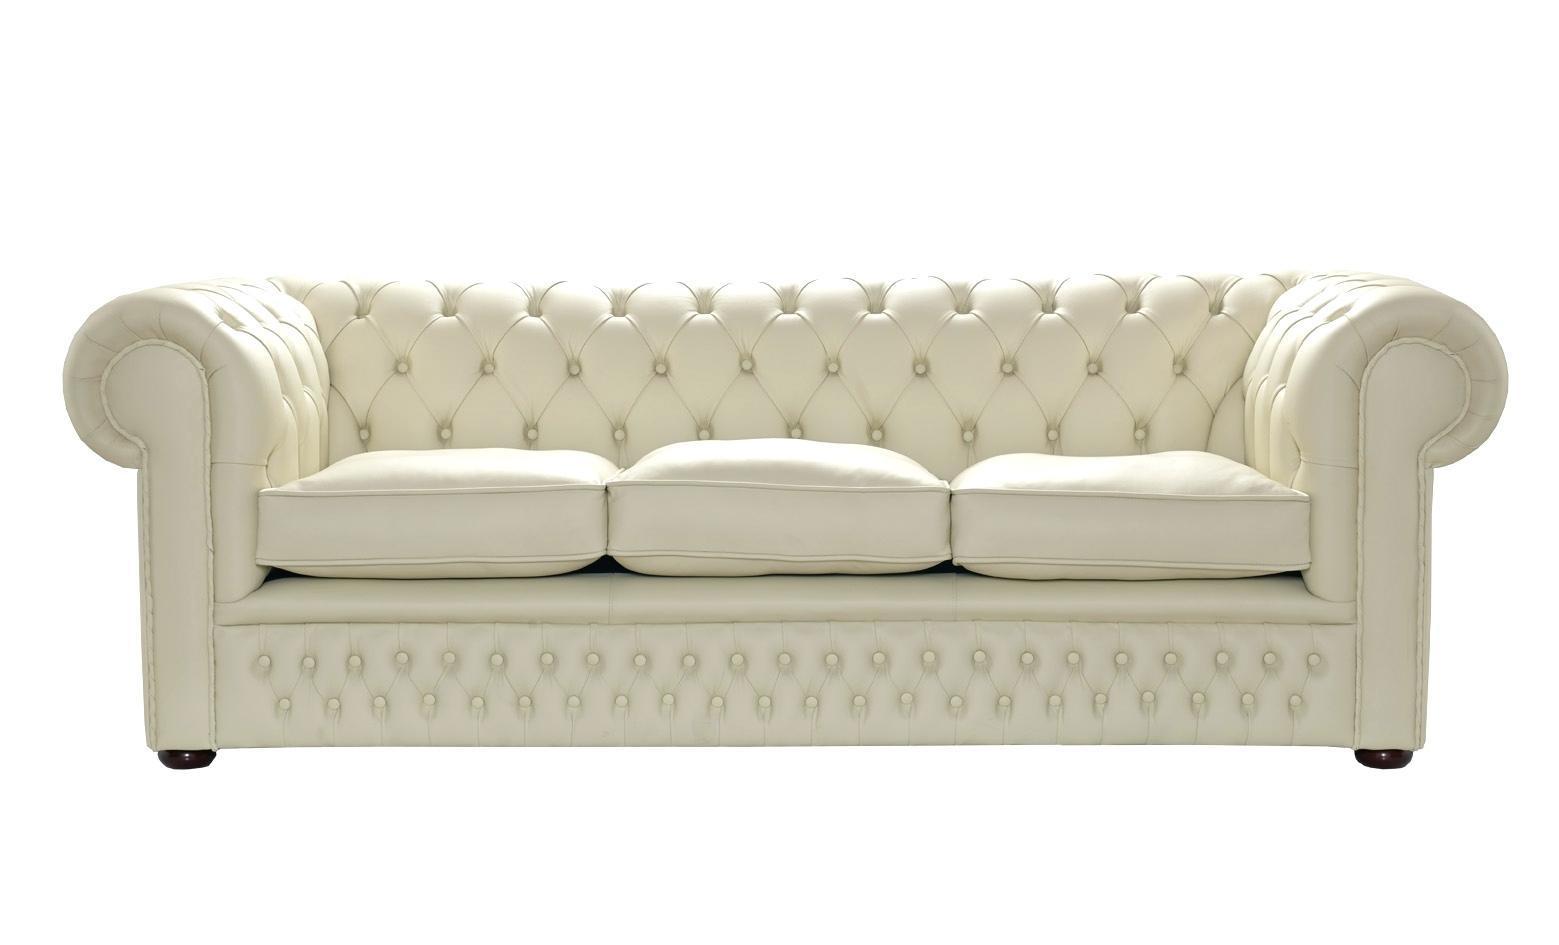 Sofas Center : Cream Colored Sofa Tables Sofas End Tablescream And With Regard To Cream Colored Sofas (Image 17 of 20)